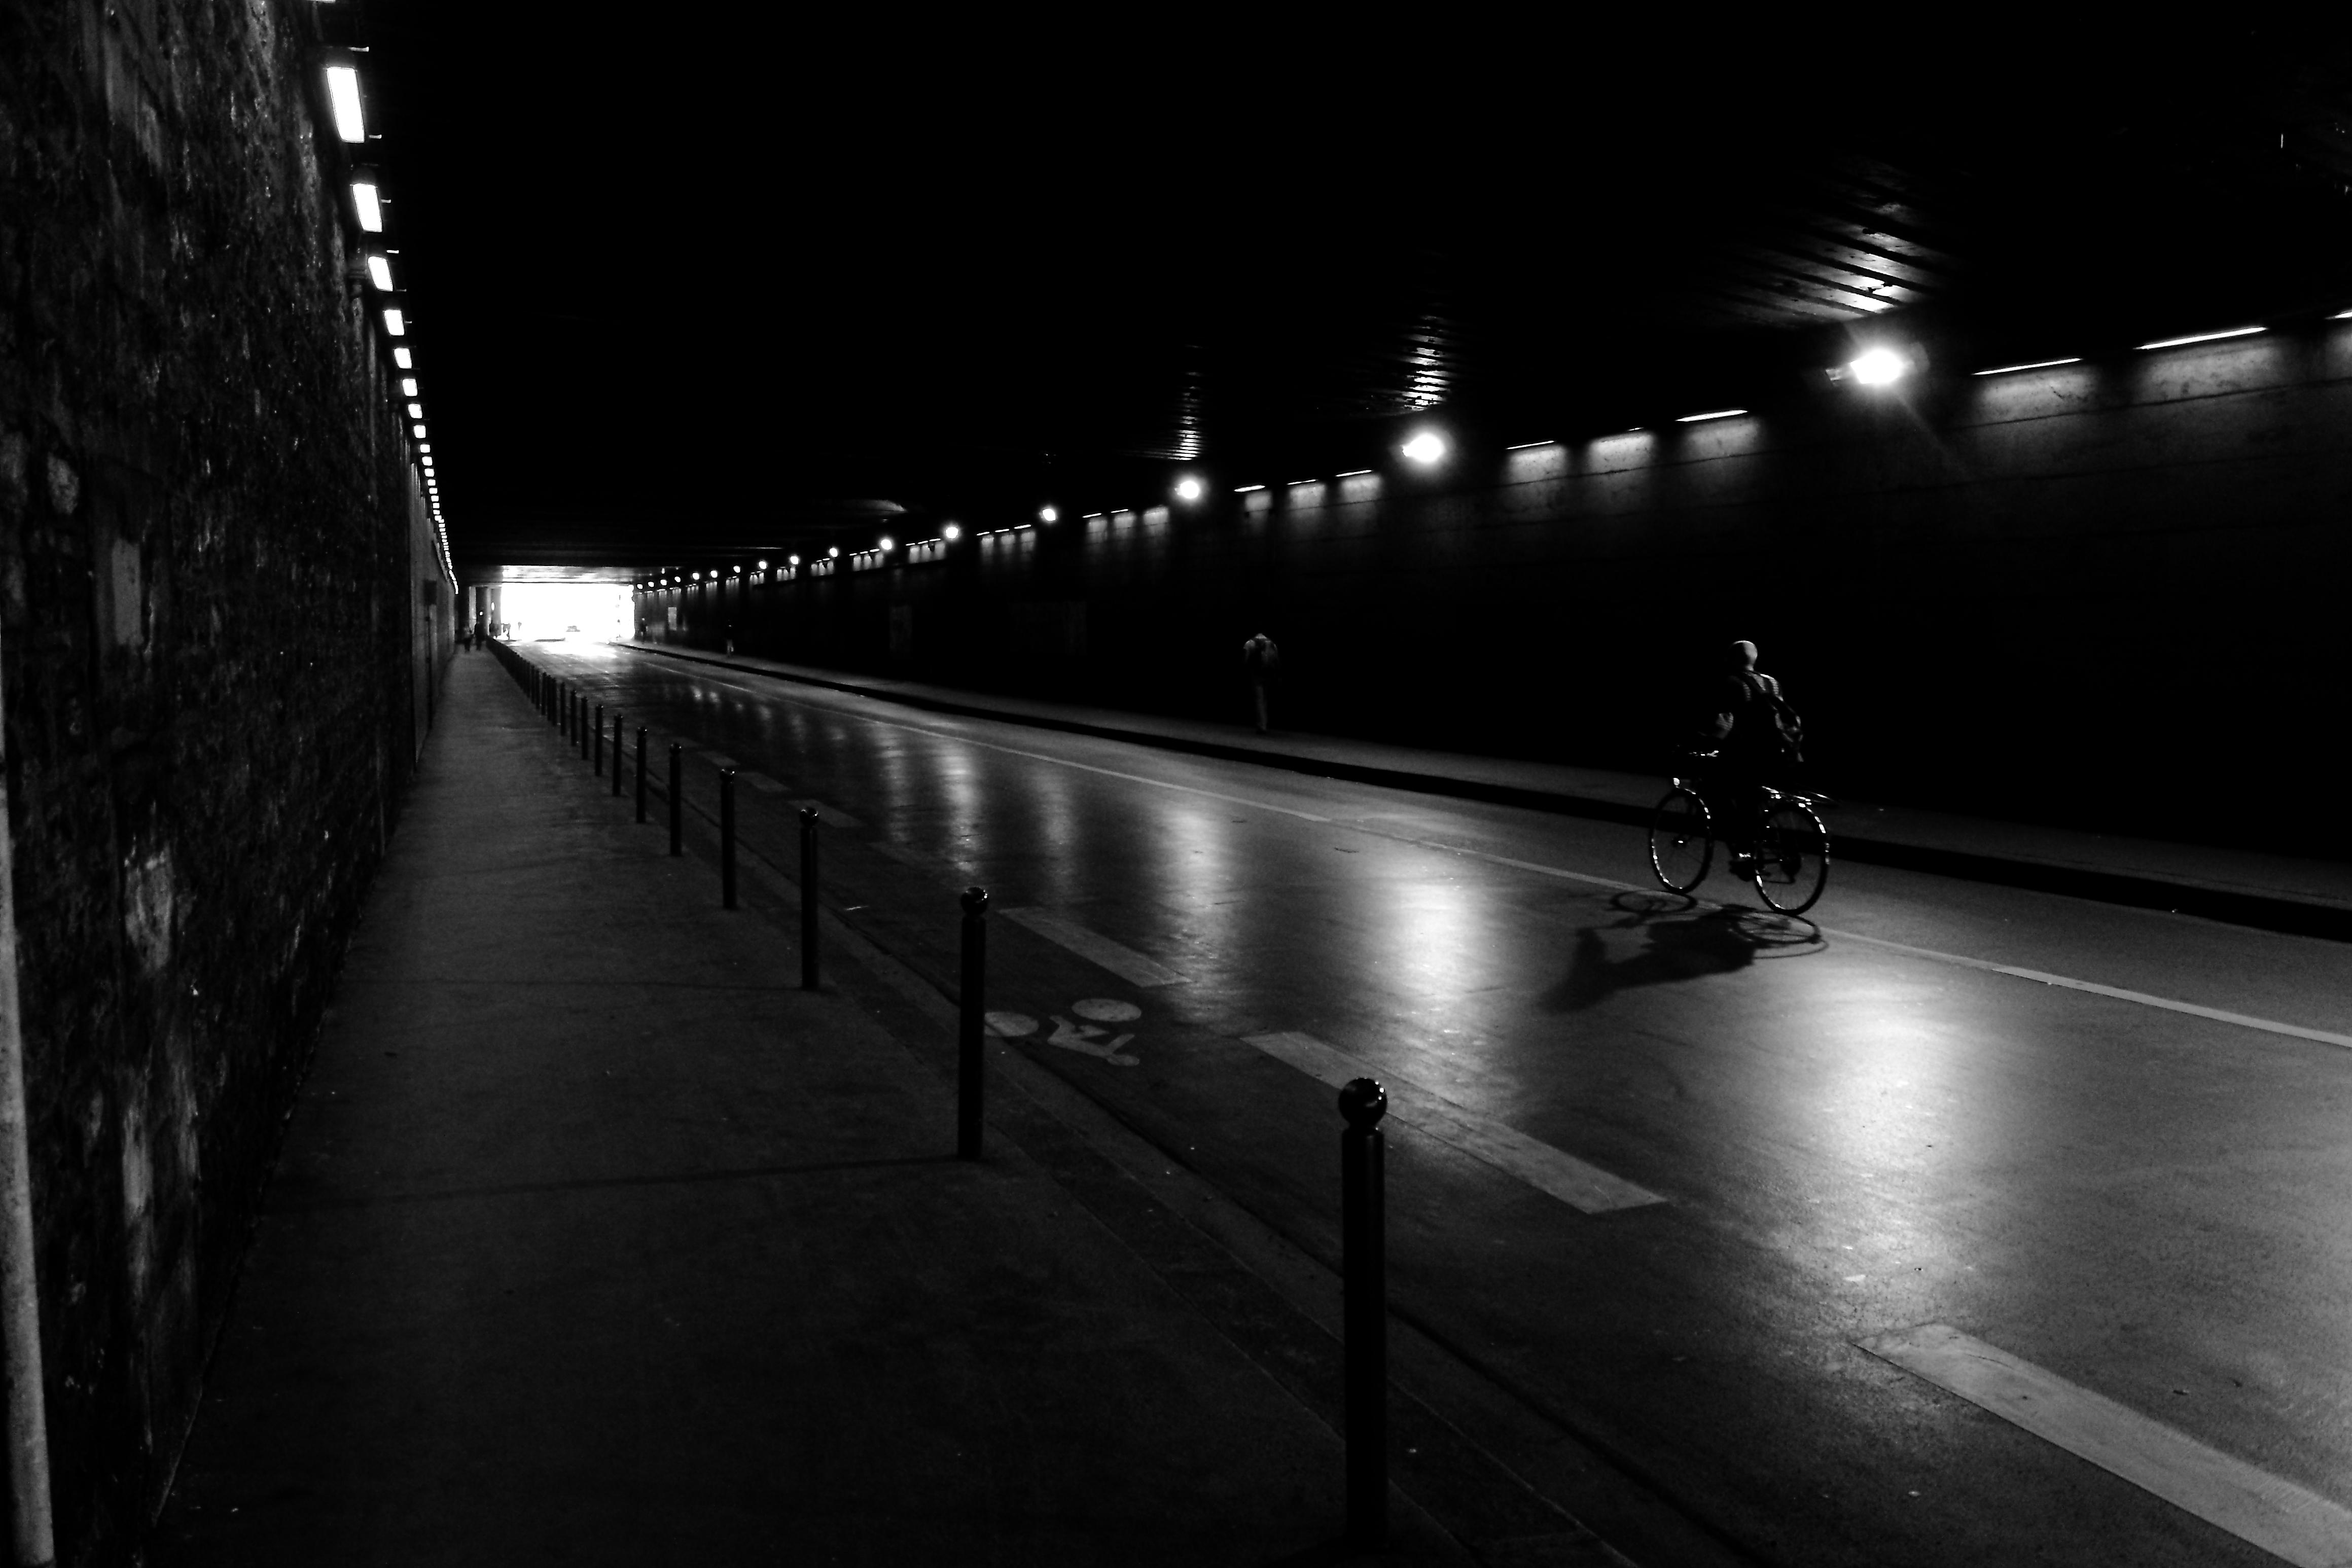 デスクトップ壁紙 街路灯 通り 建築 反射 空 影 イブニング 雰囲気 トンネル シャネル アスファルト ノワール 真夜中 インフラ 角度 Velo 光 エリア 点灯 自転車 ストリートビュー ライン 闇 後ろの ノワレブラン 黒と黒 フォトデコーダ